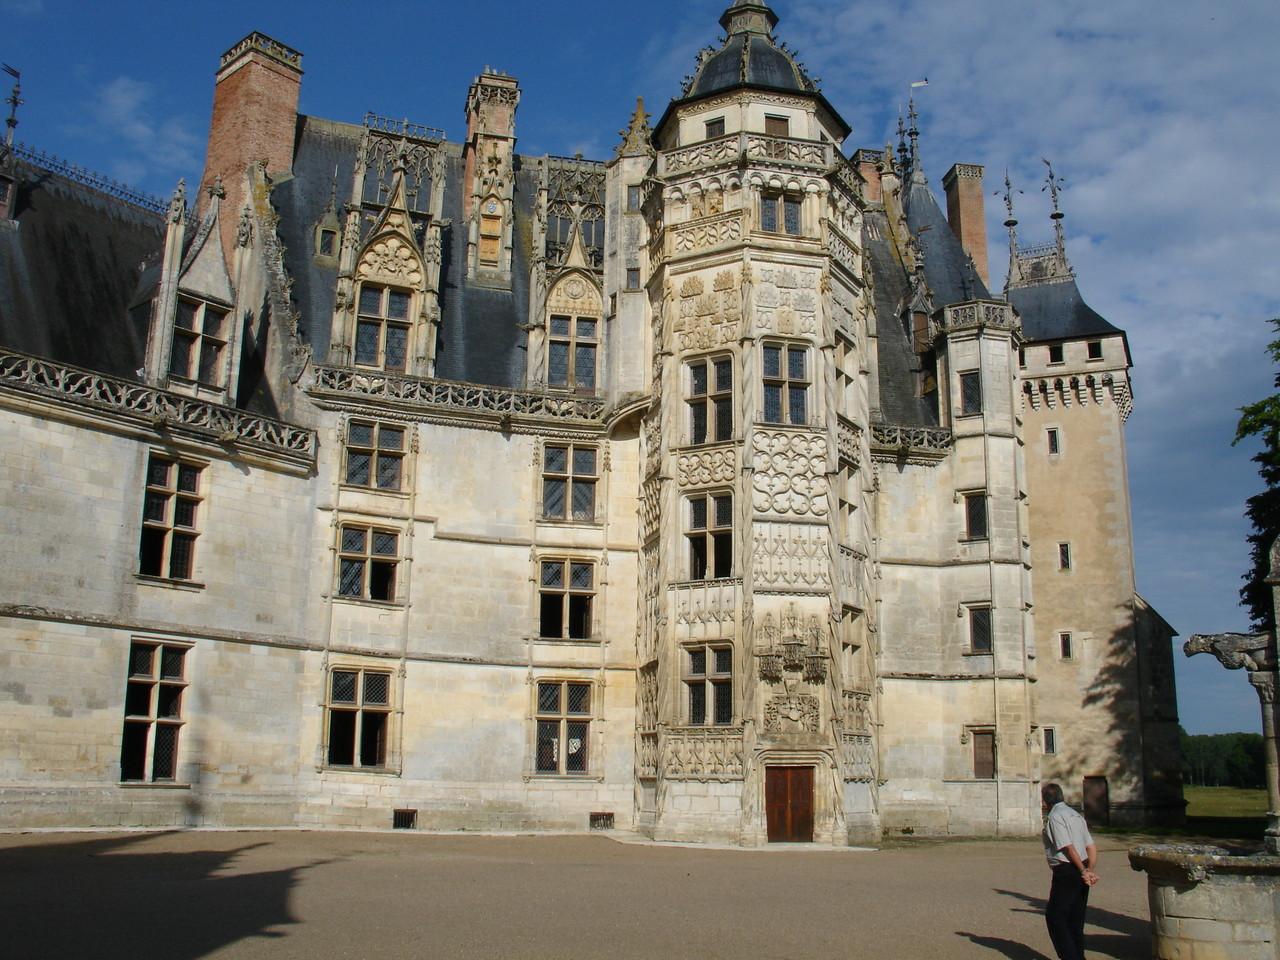 Meillant, le château : la façade gothique flamboyant